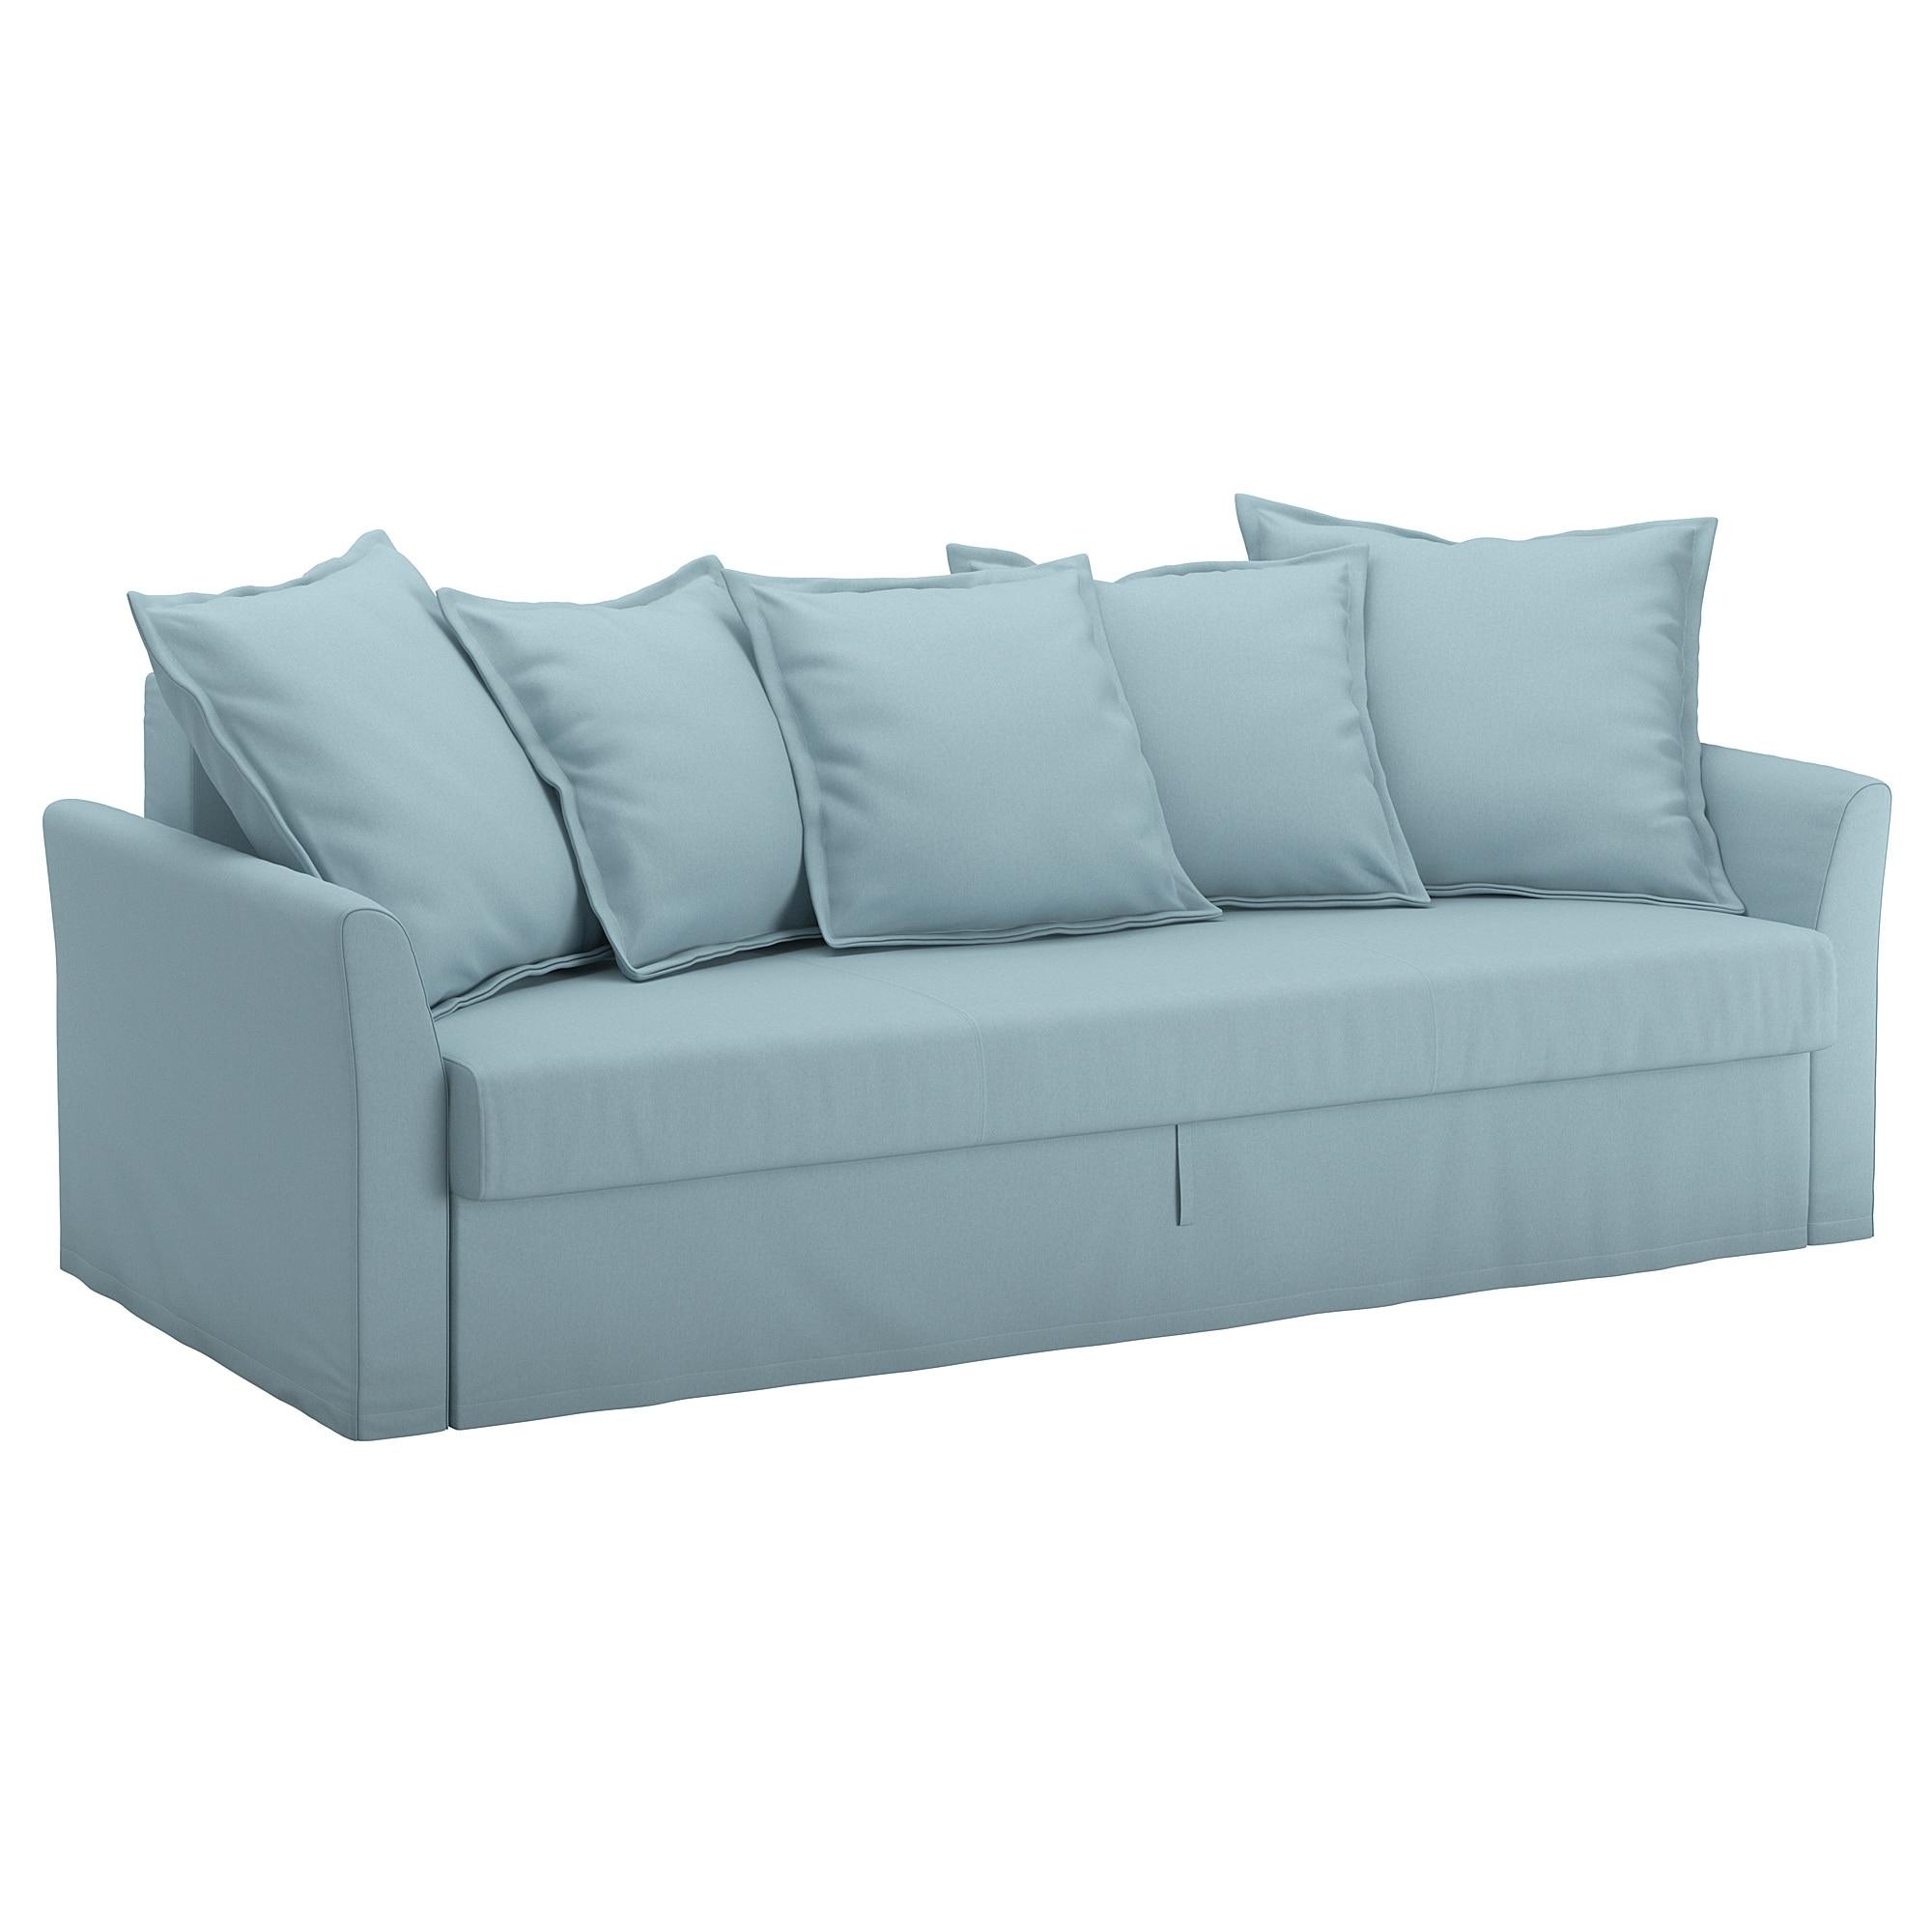 Sofas Cama Ikea D0dg Holmsund sofà Cama 3 Plazas orrsta Azul Claro Ikea